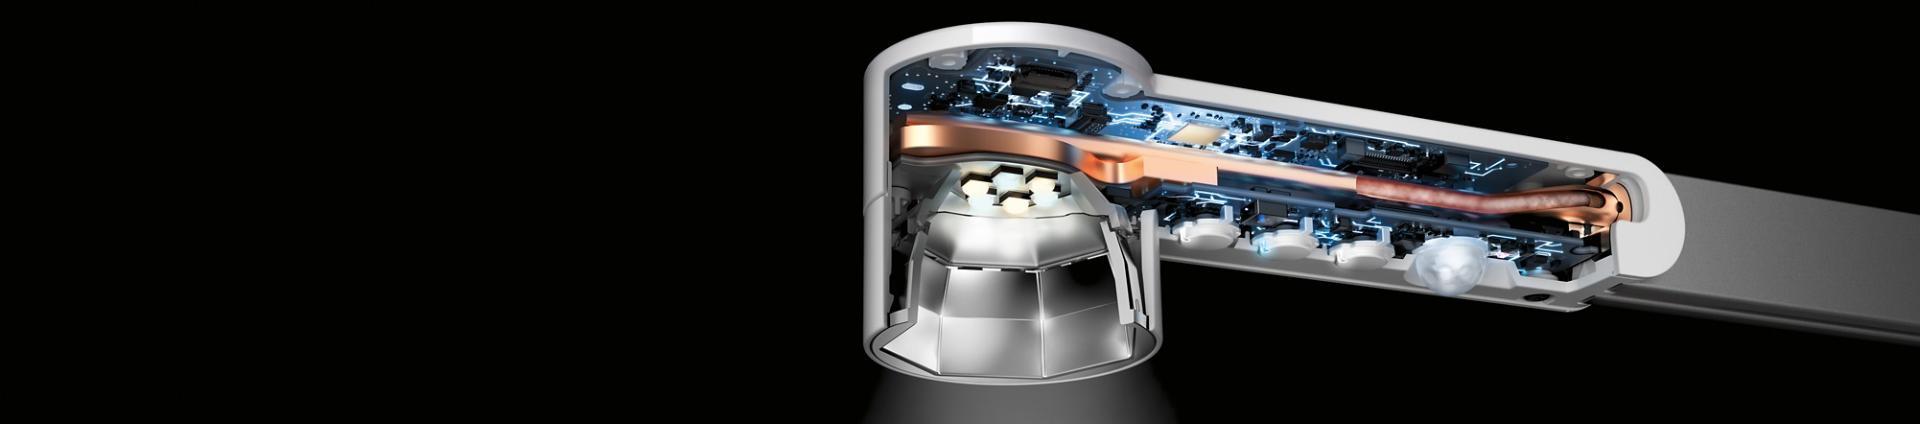 熱管科技應用於Dyson Lightcycle™枱燈